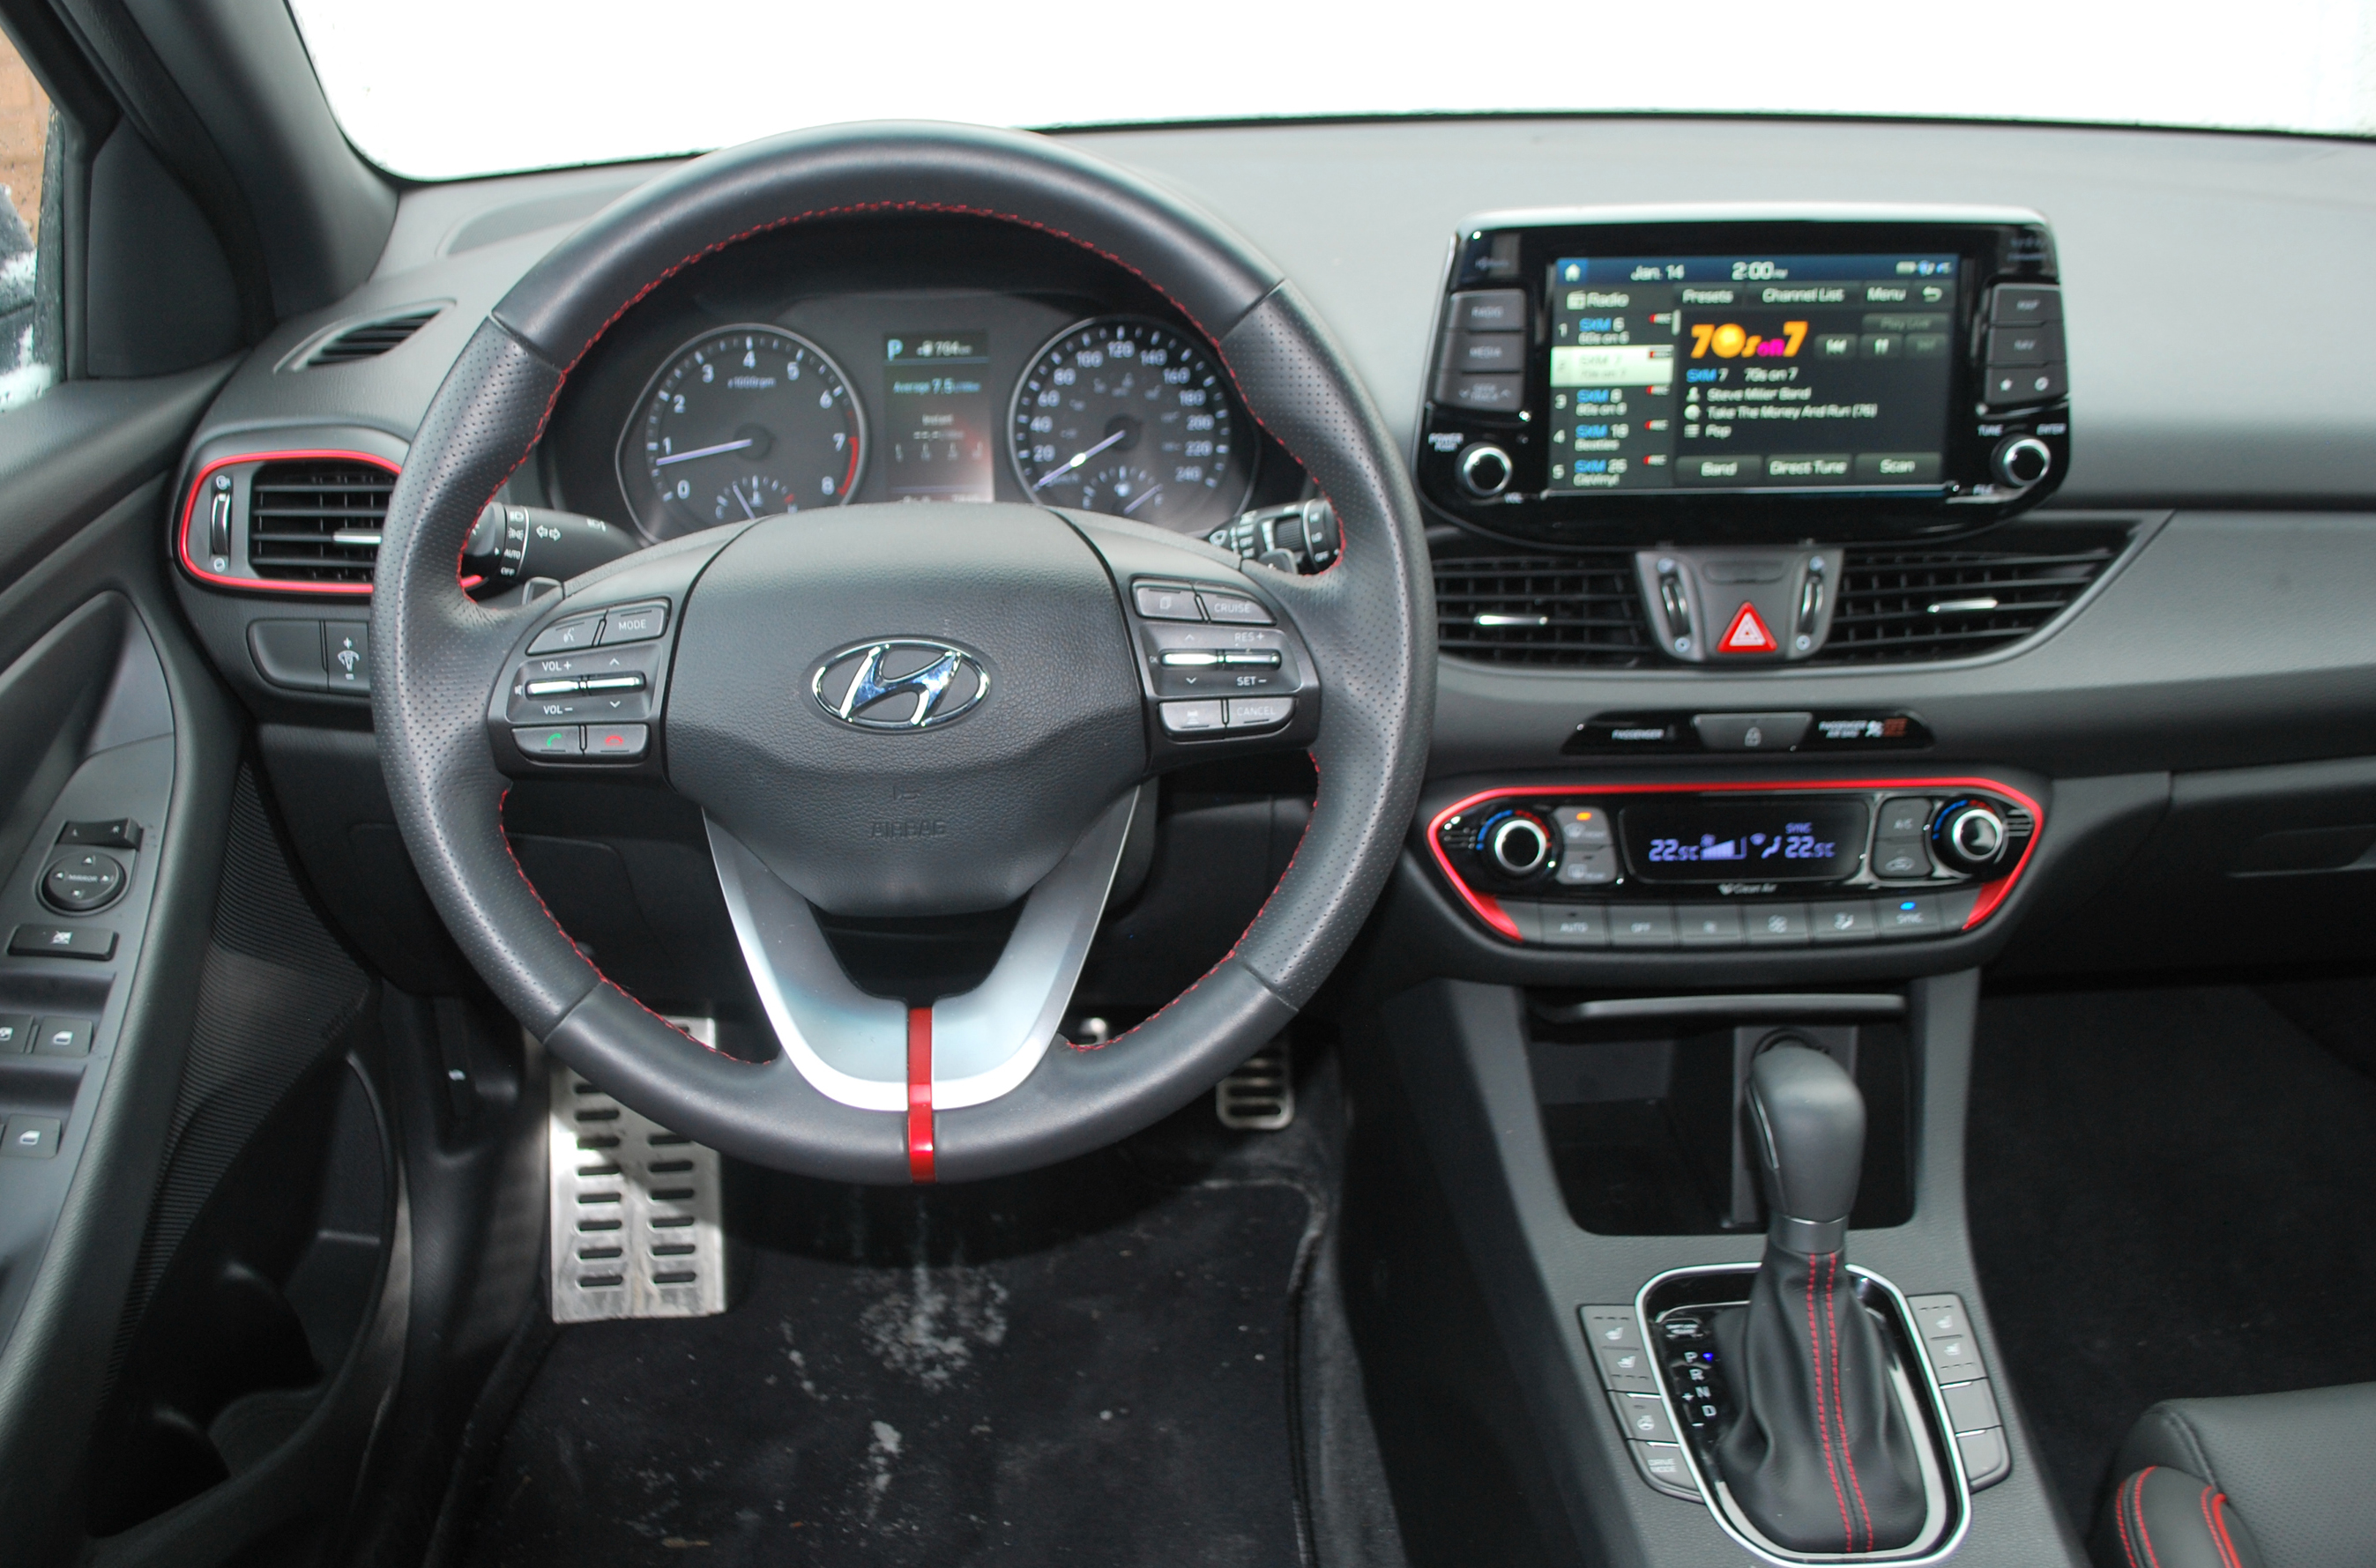 2018 Hyundai Elantra GT Review